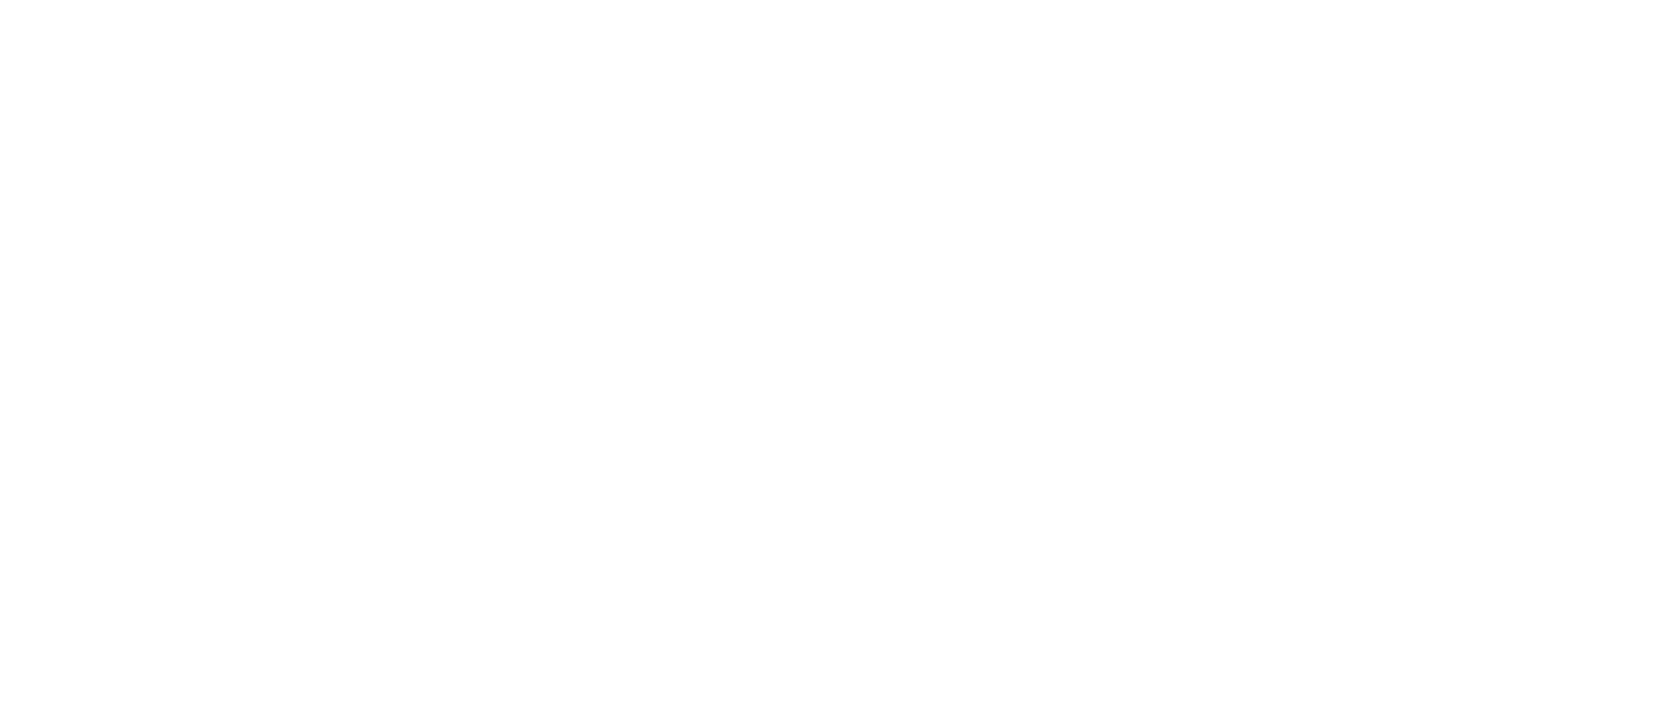 Major League Hacking 2022 Hackathon Season